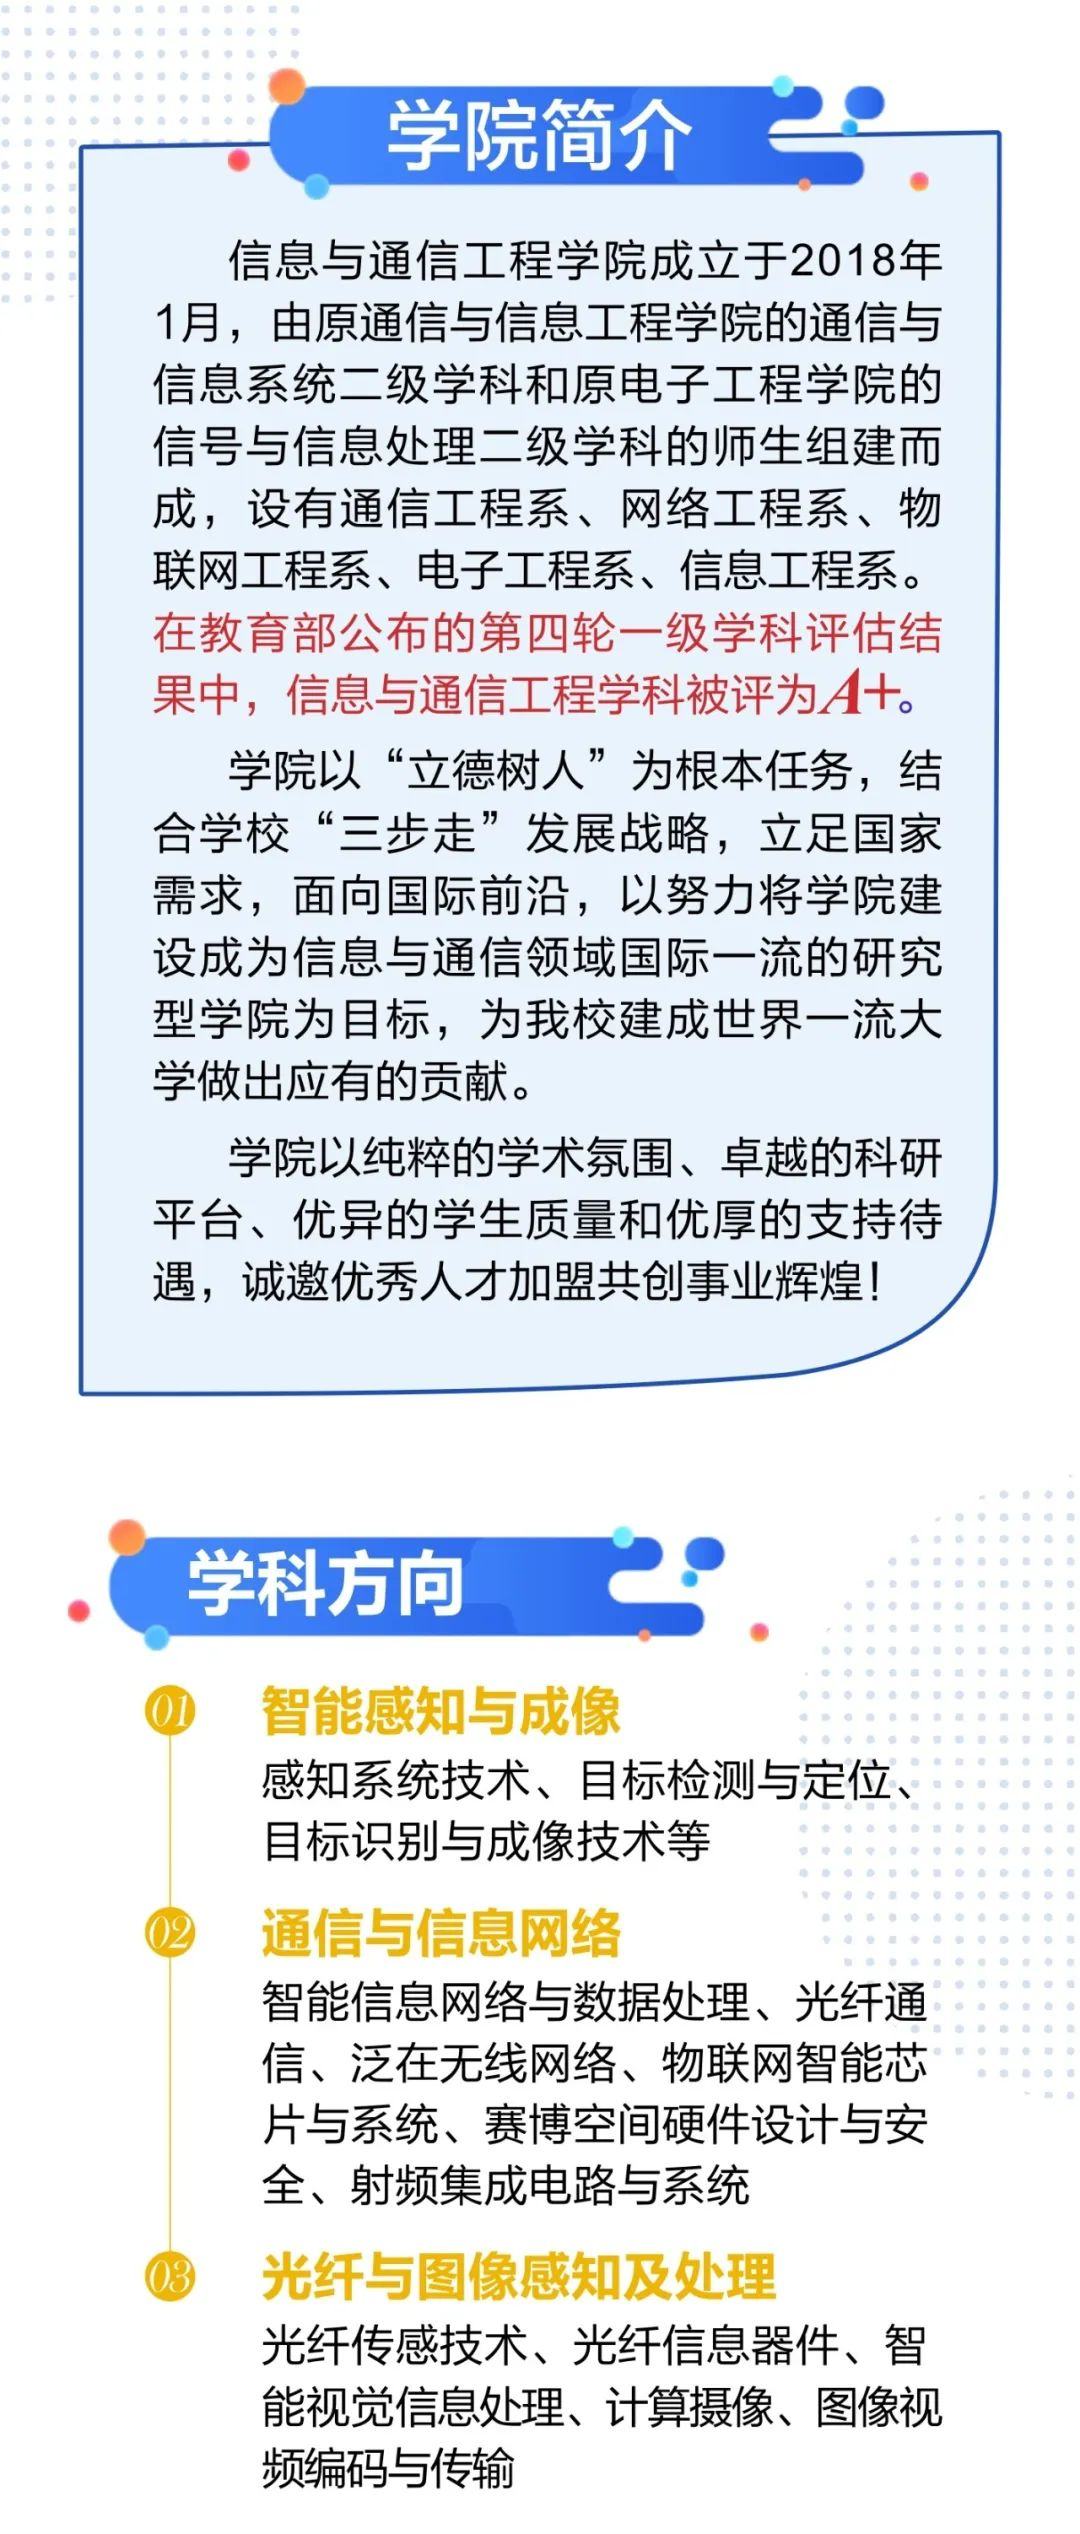 【就业资讯】剧透 | A+学科云端揽才,邀您共创未来